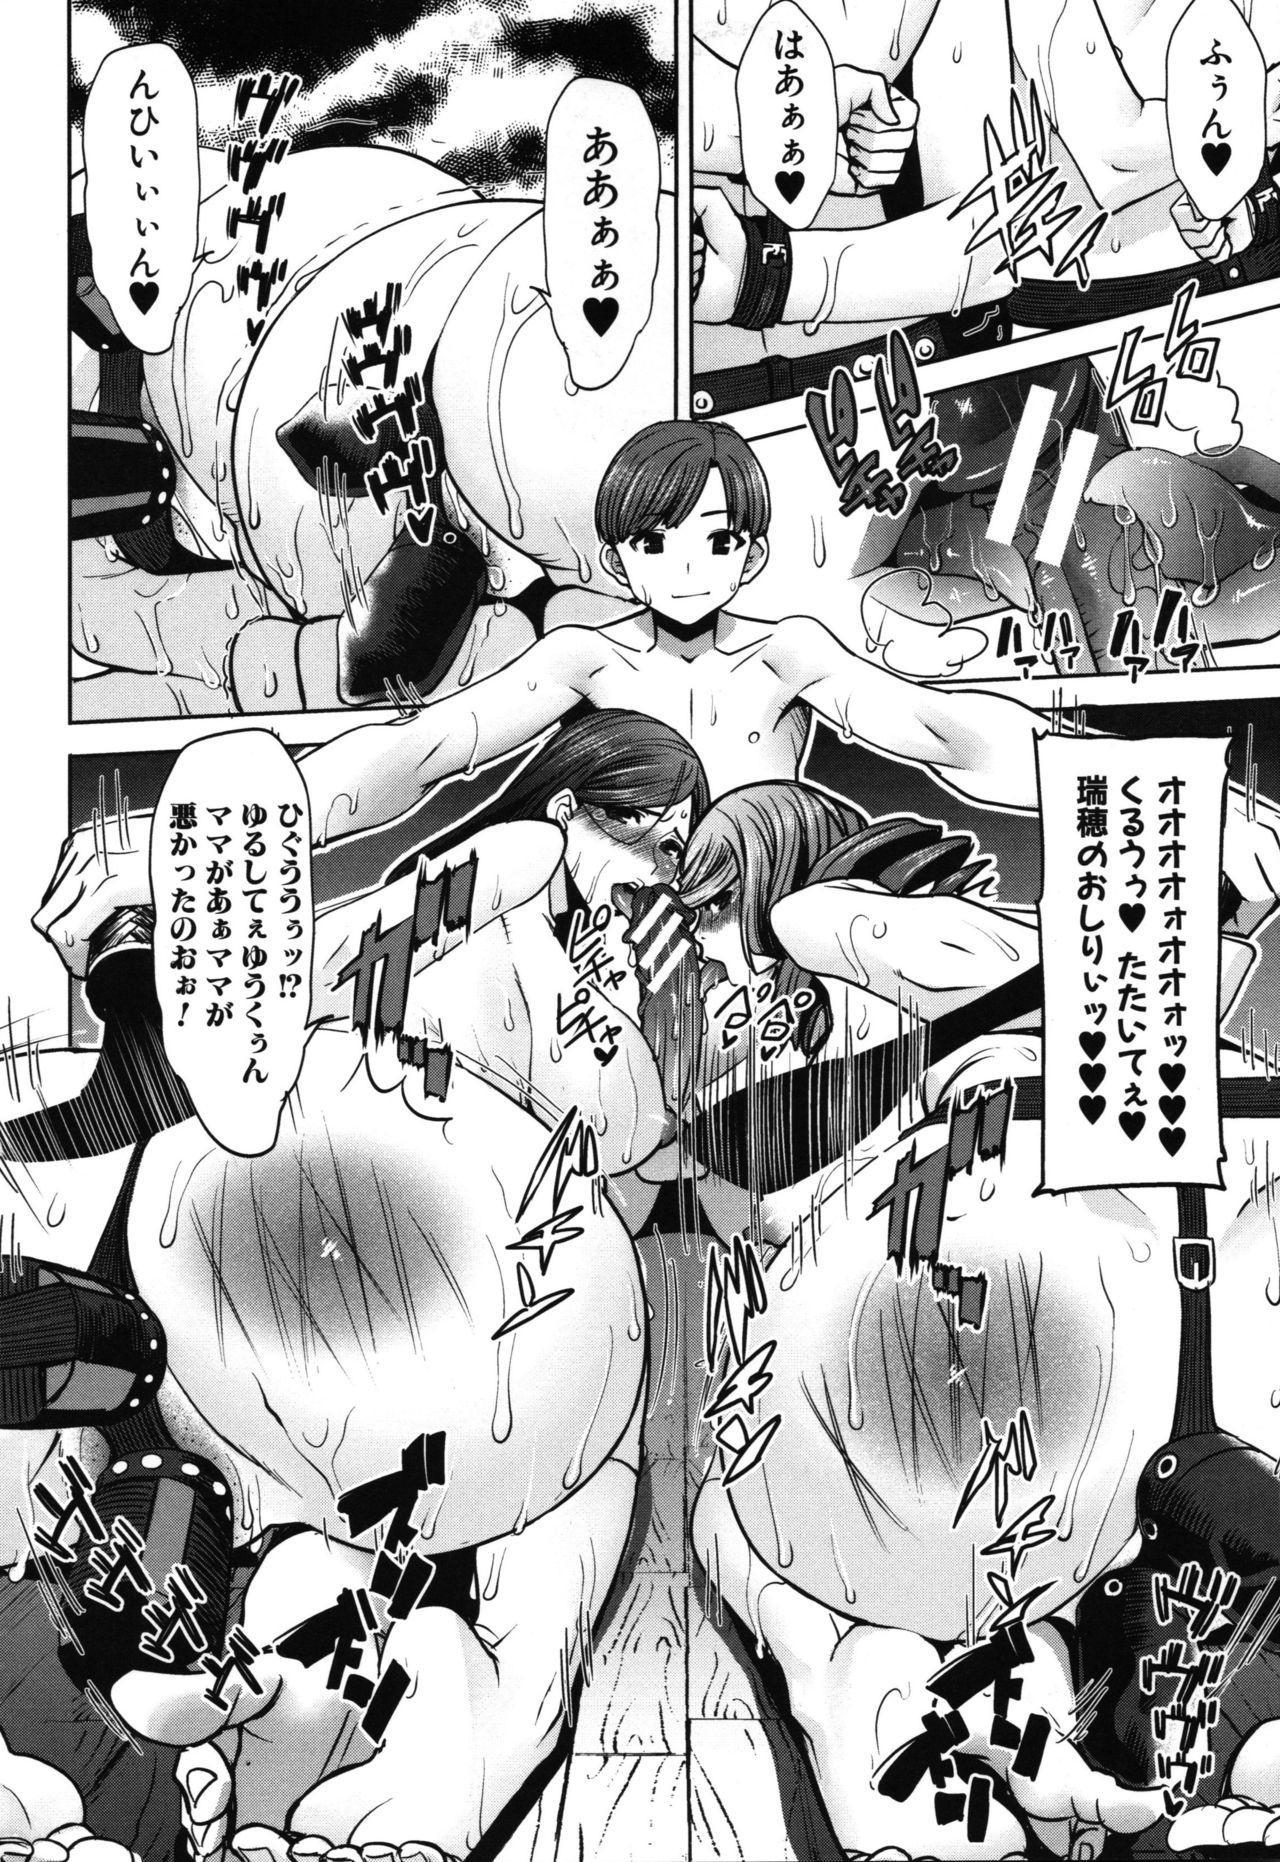 Unsweet - Asahina Ikka Netorareta Haha · Tomoko 117